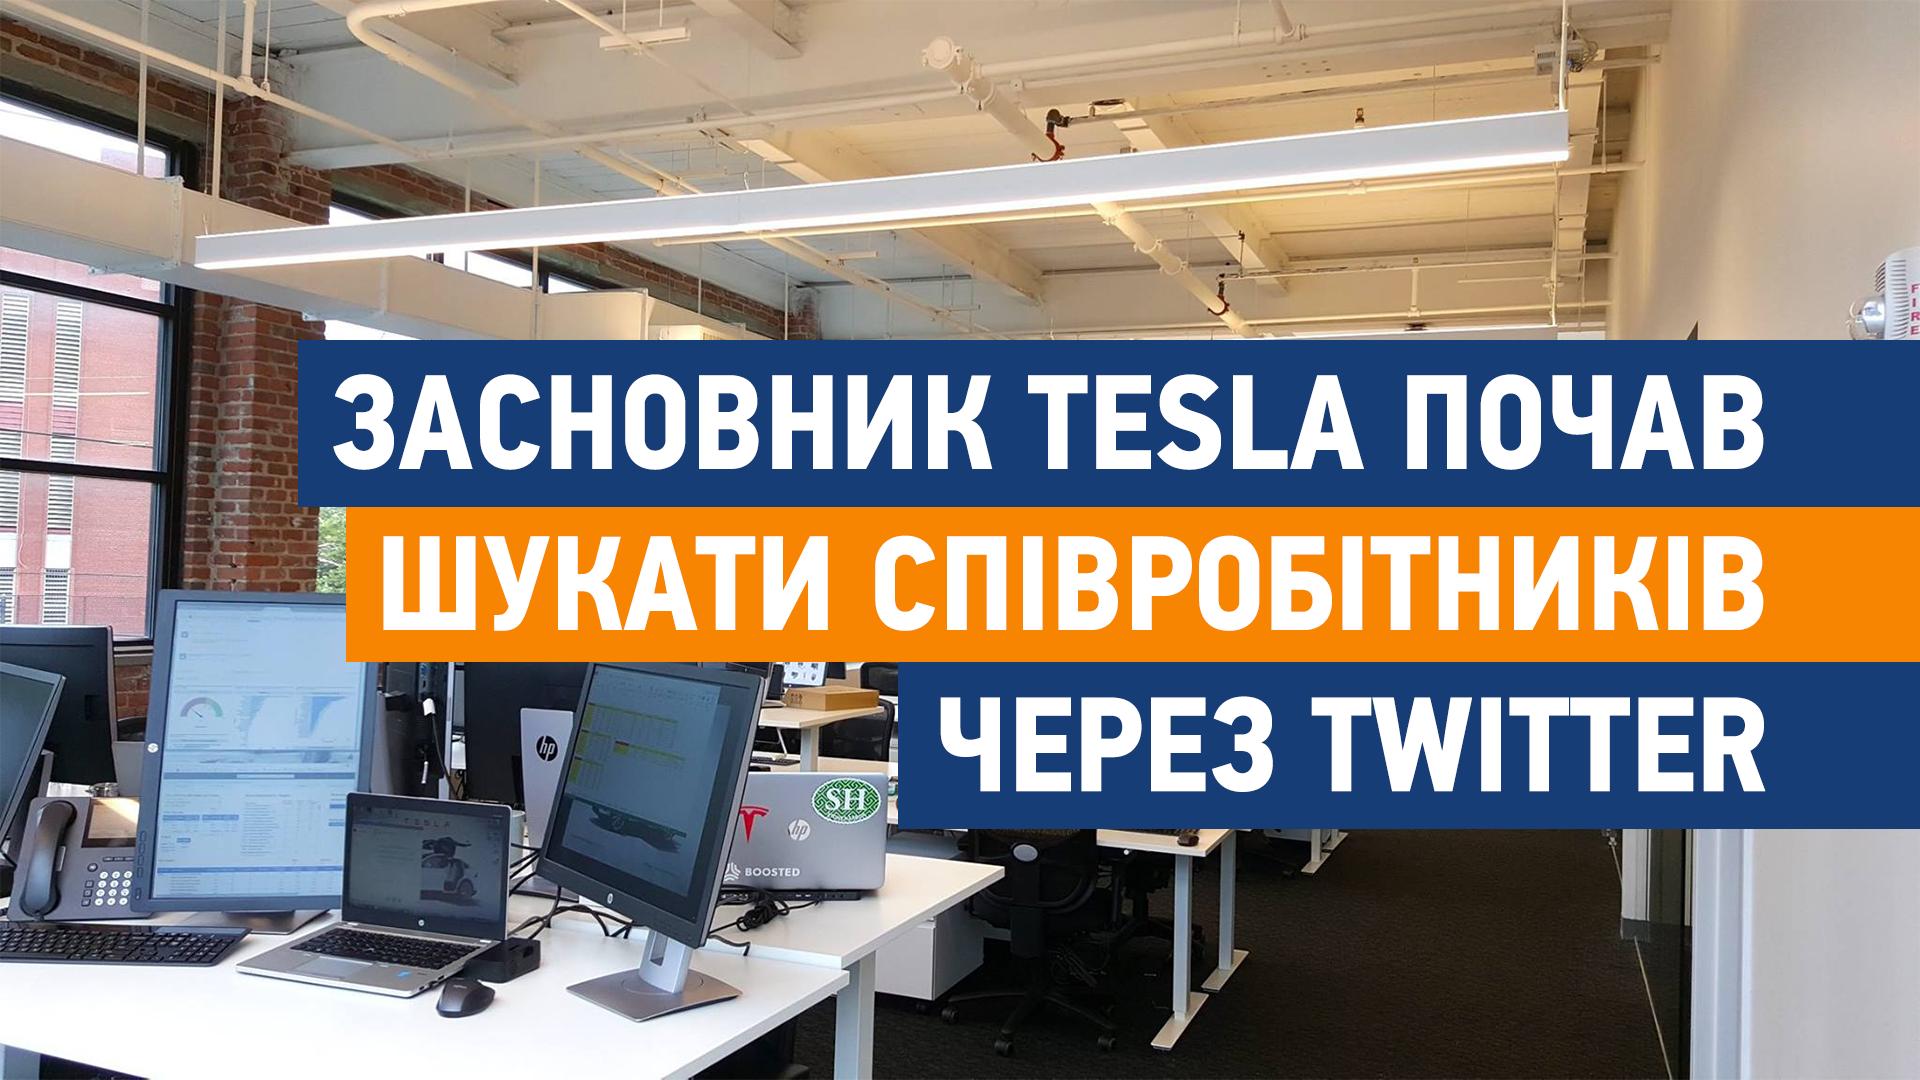 Вечірка в Ілона Маска у разі працевлаштування: засновник Tesla почав шукати співробітників через Twitter